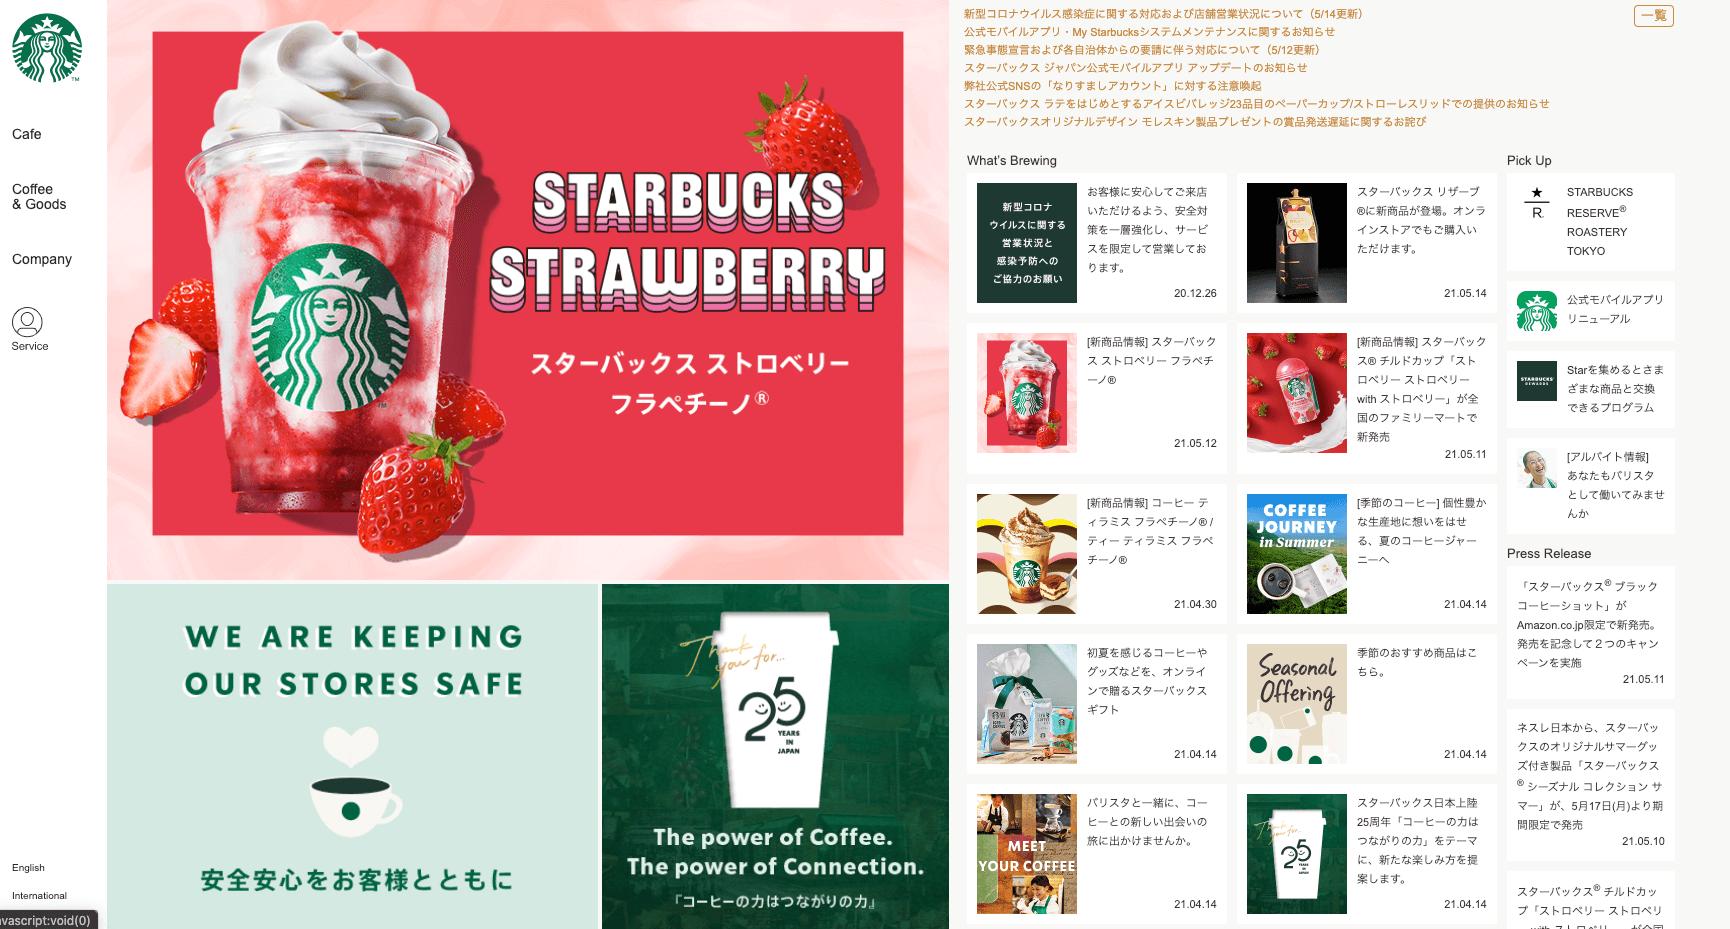 starbucks japan homepage